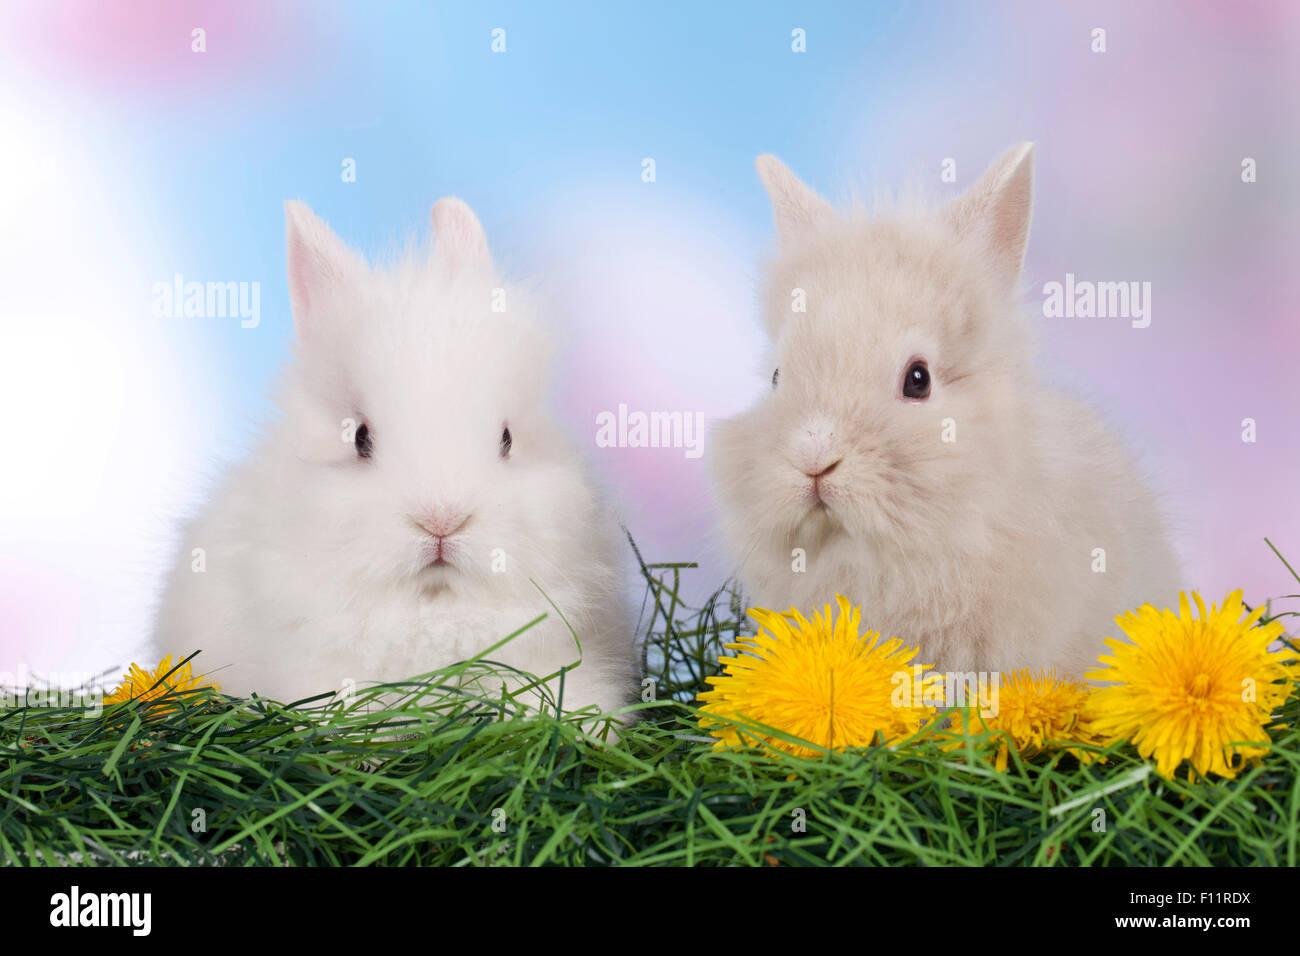 Conejo enano, Lionhead rabbit dos individuos hierba flores de diente de león Foto de stock